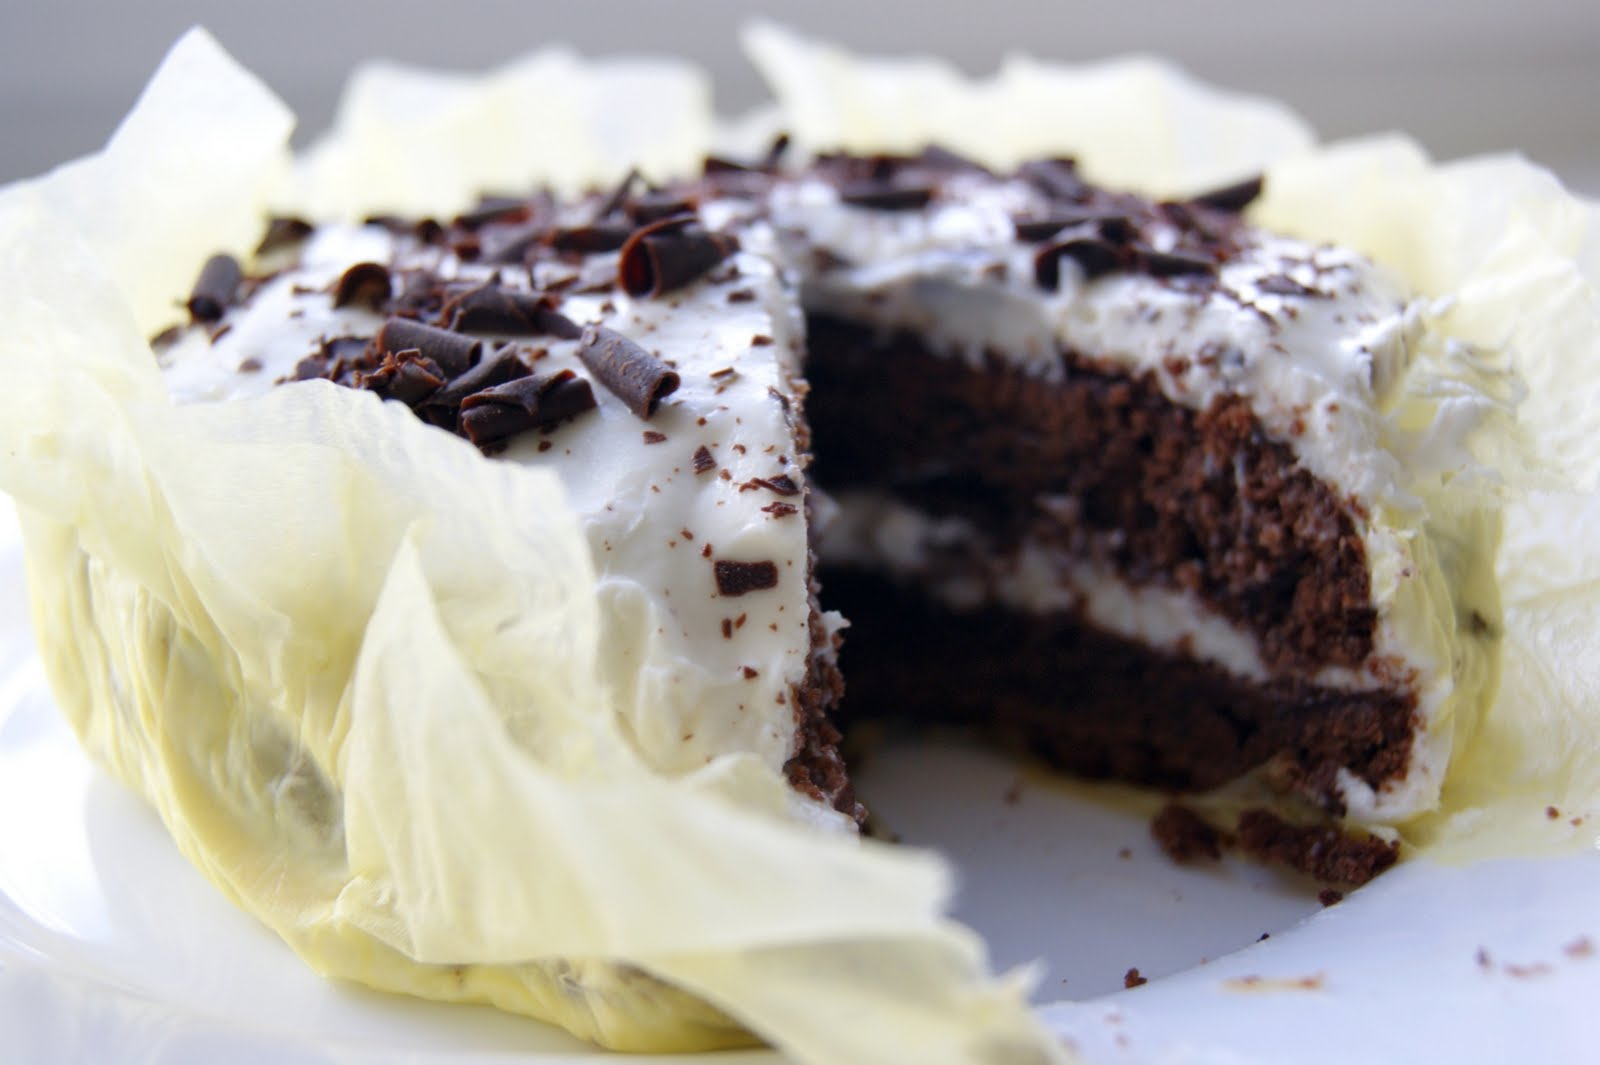 Шоколадный торт с сметанным кремом рецепт пошагово в домашних